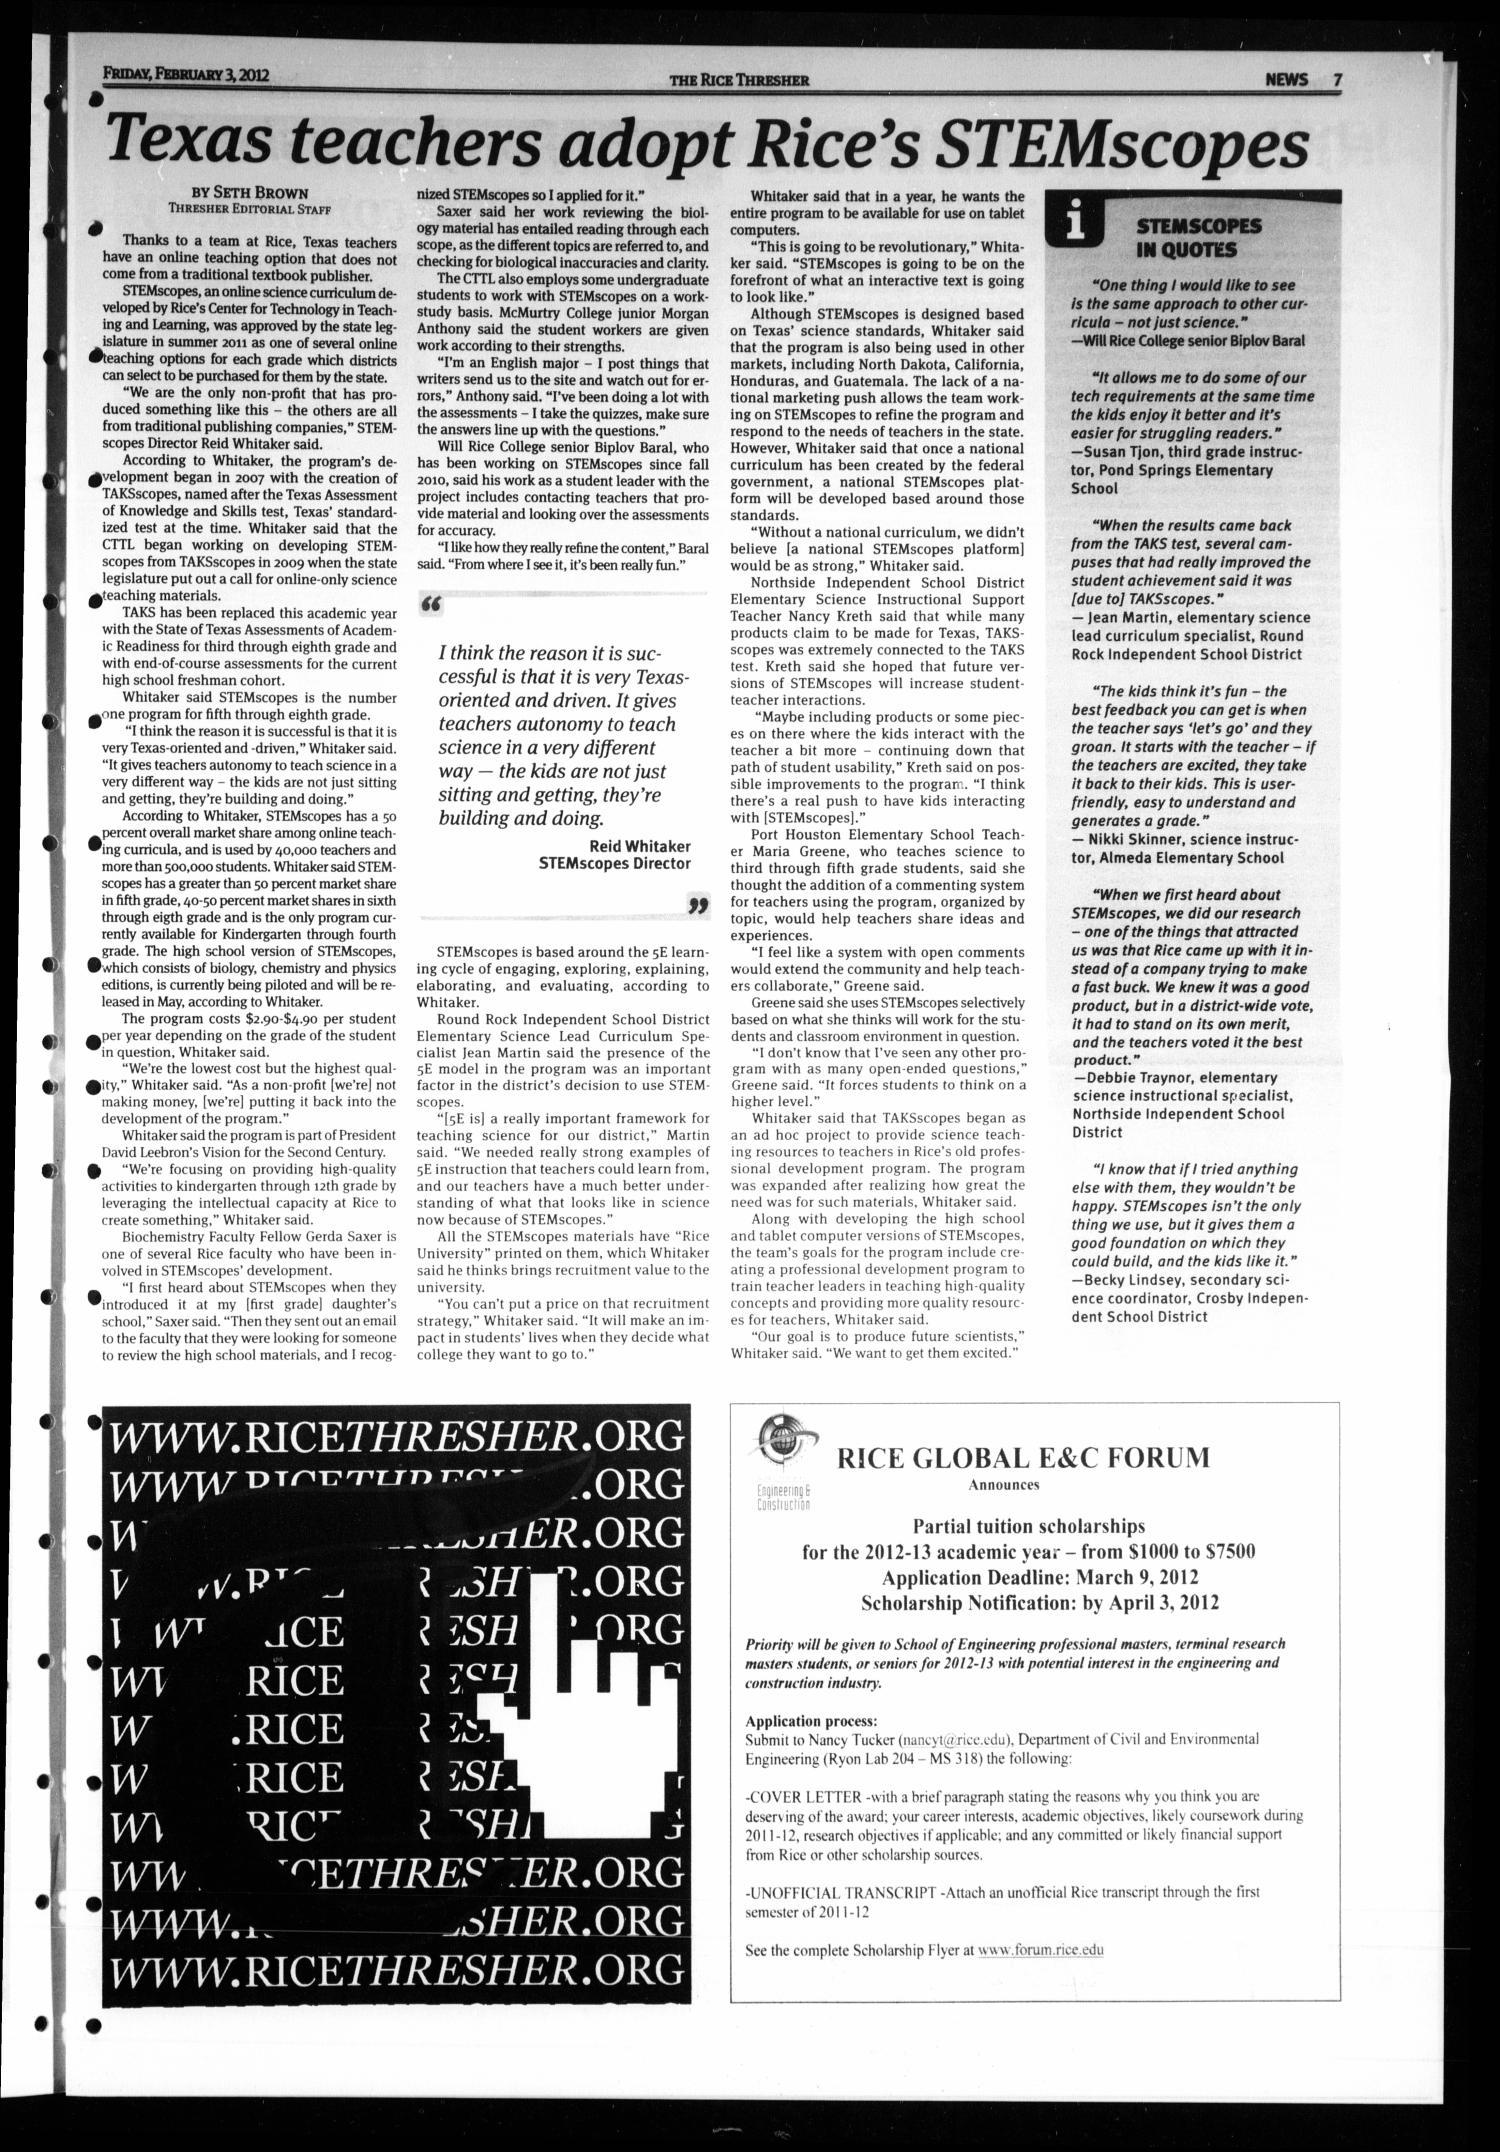 The Rice Thresher, Vol  99, No  18, Ed  1 Friday, February 3